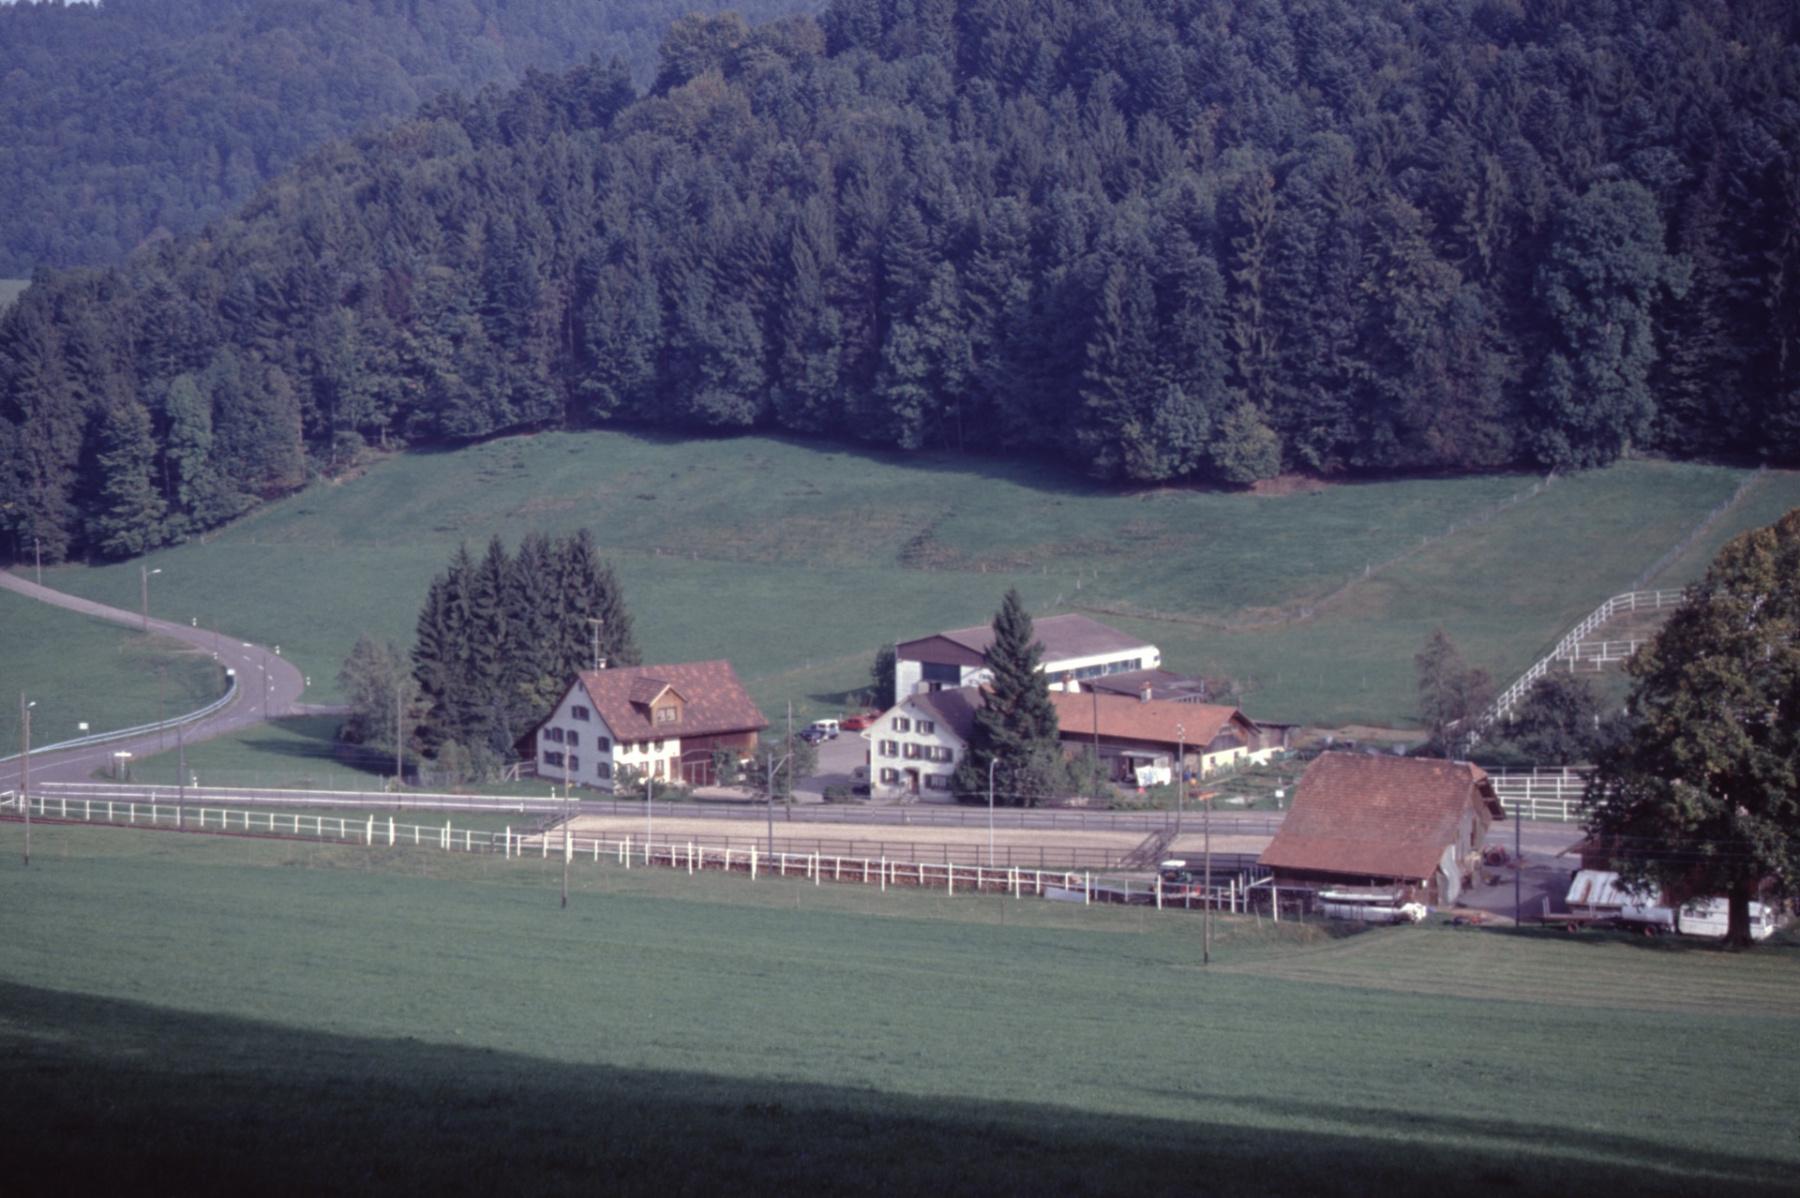 Häusergruppe mit Werkhalle Wäfler